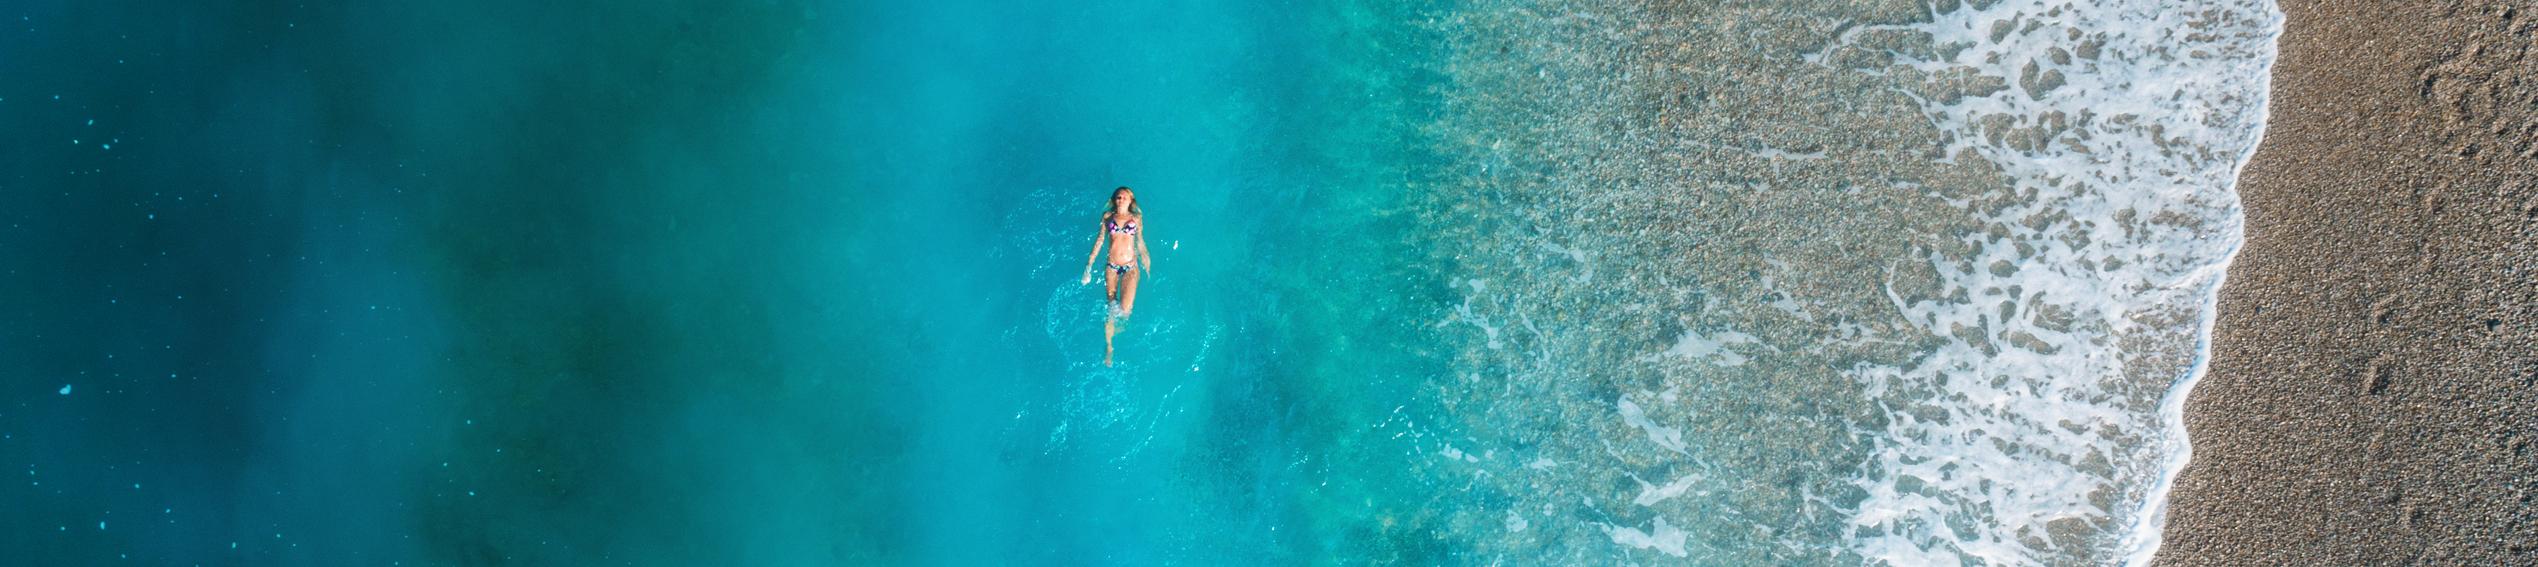 In der Ostsee schwimmen - Rund um die Ostsee